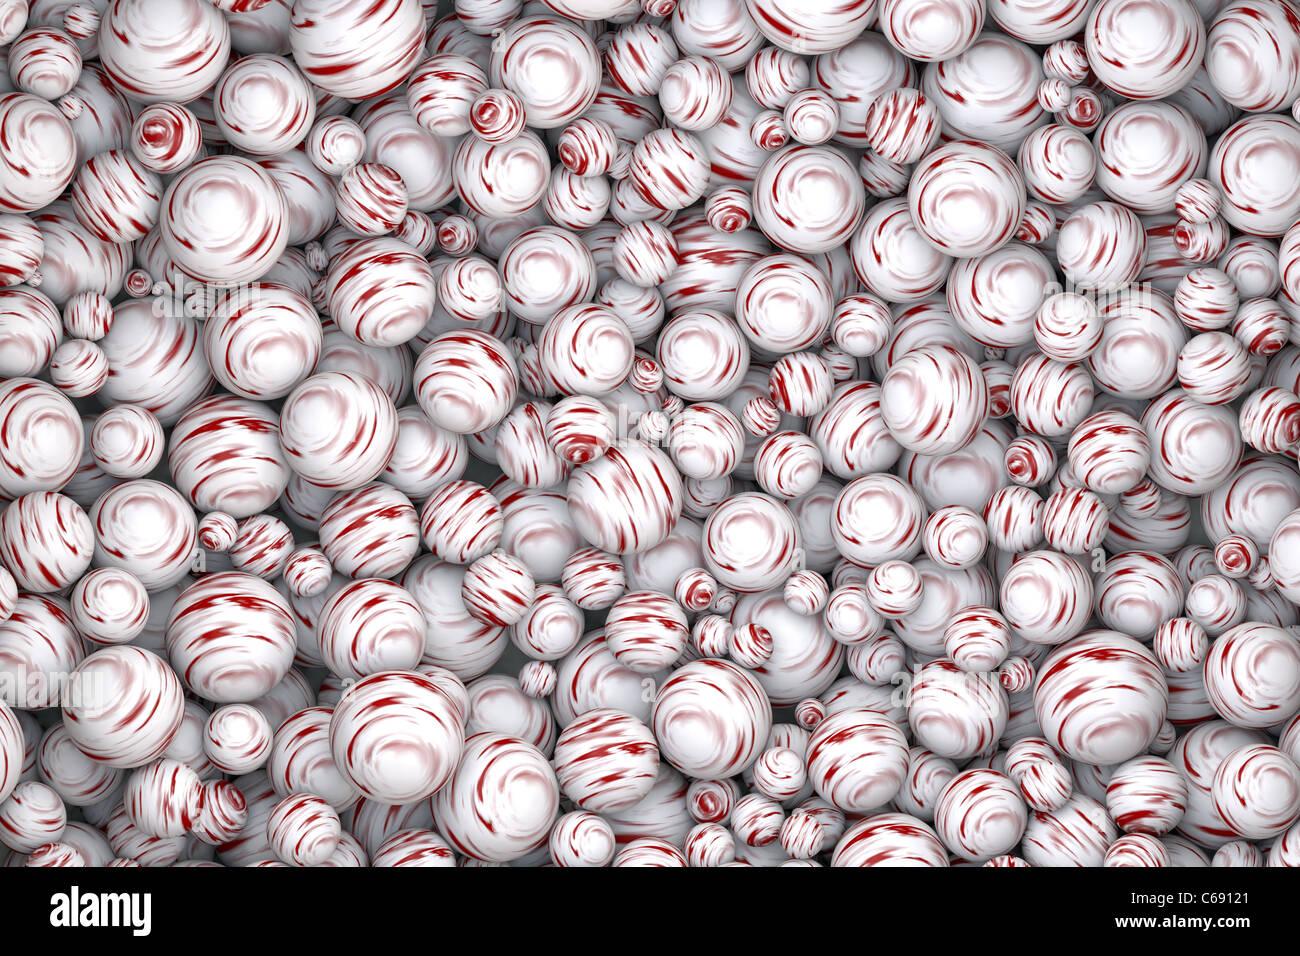 Fond d'écran de résumé des boules rouge et blanc texturé Photo Stock